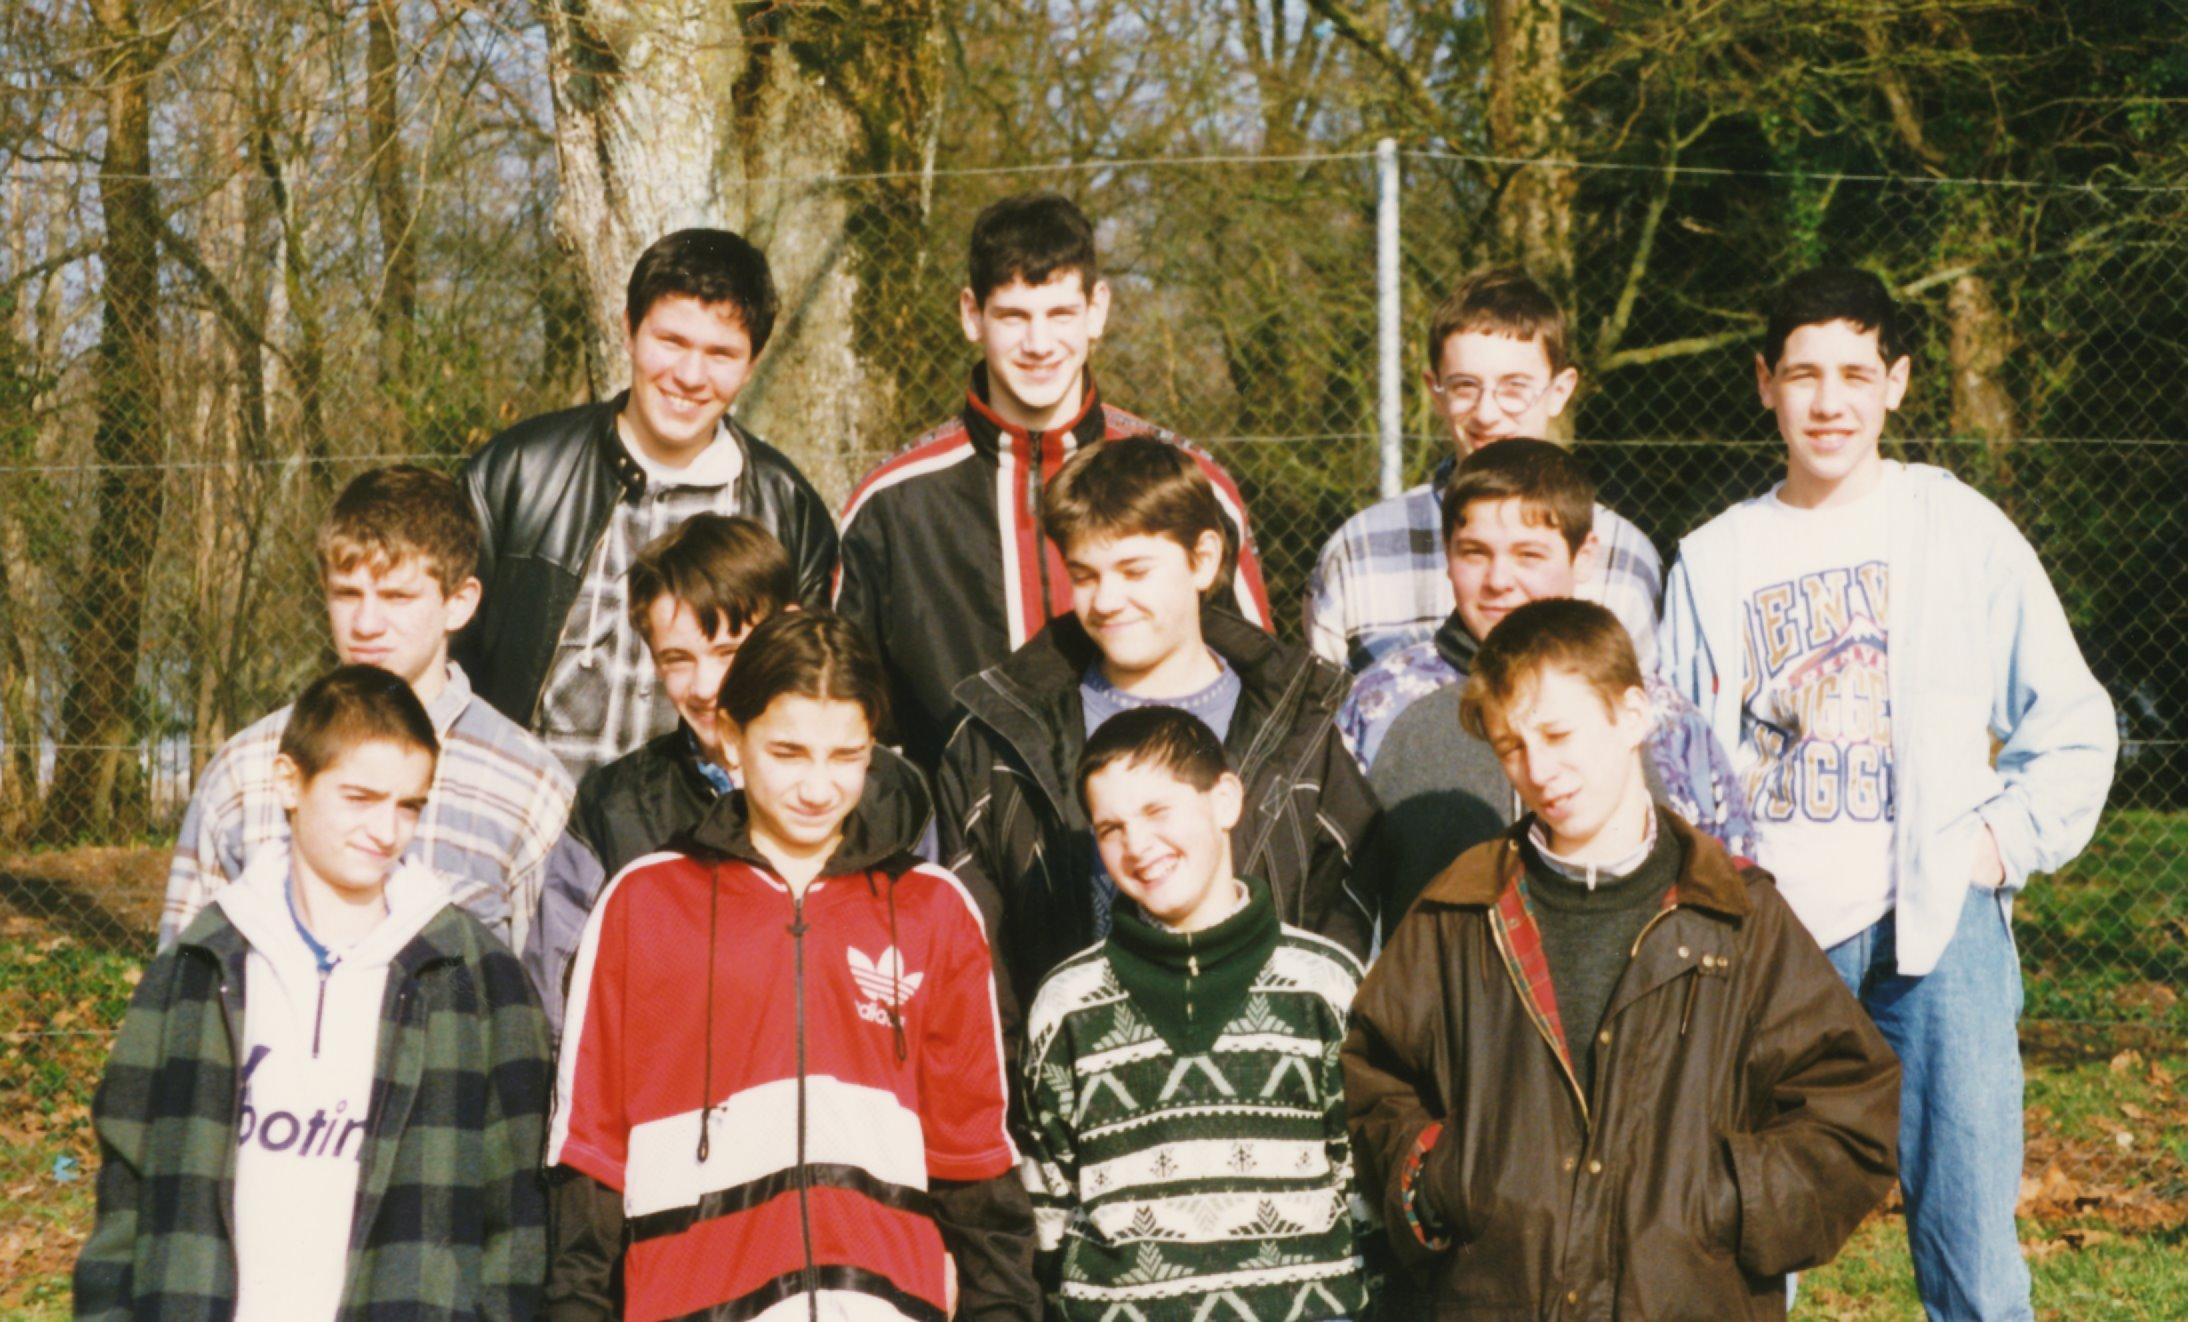 Archives anciens élèves mfr puy-sec 1996 4